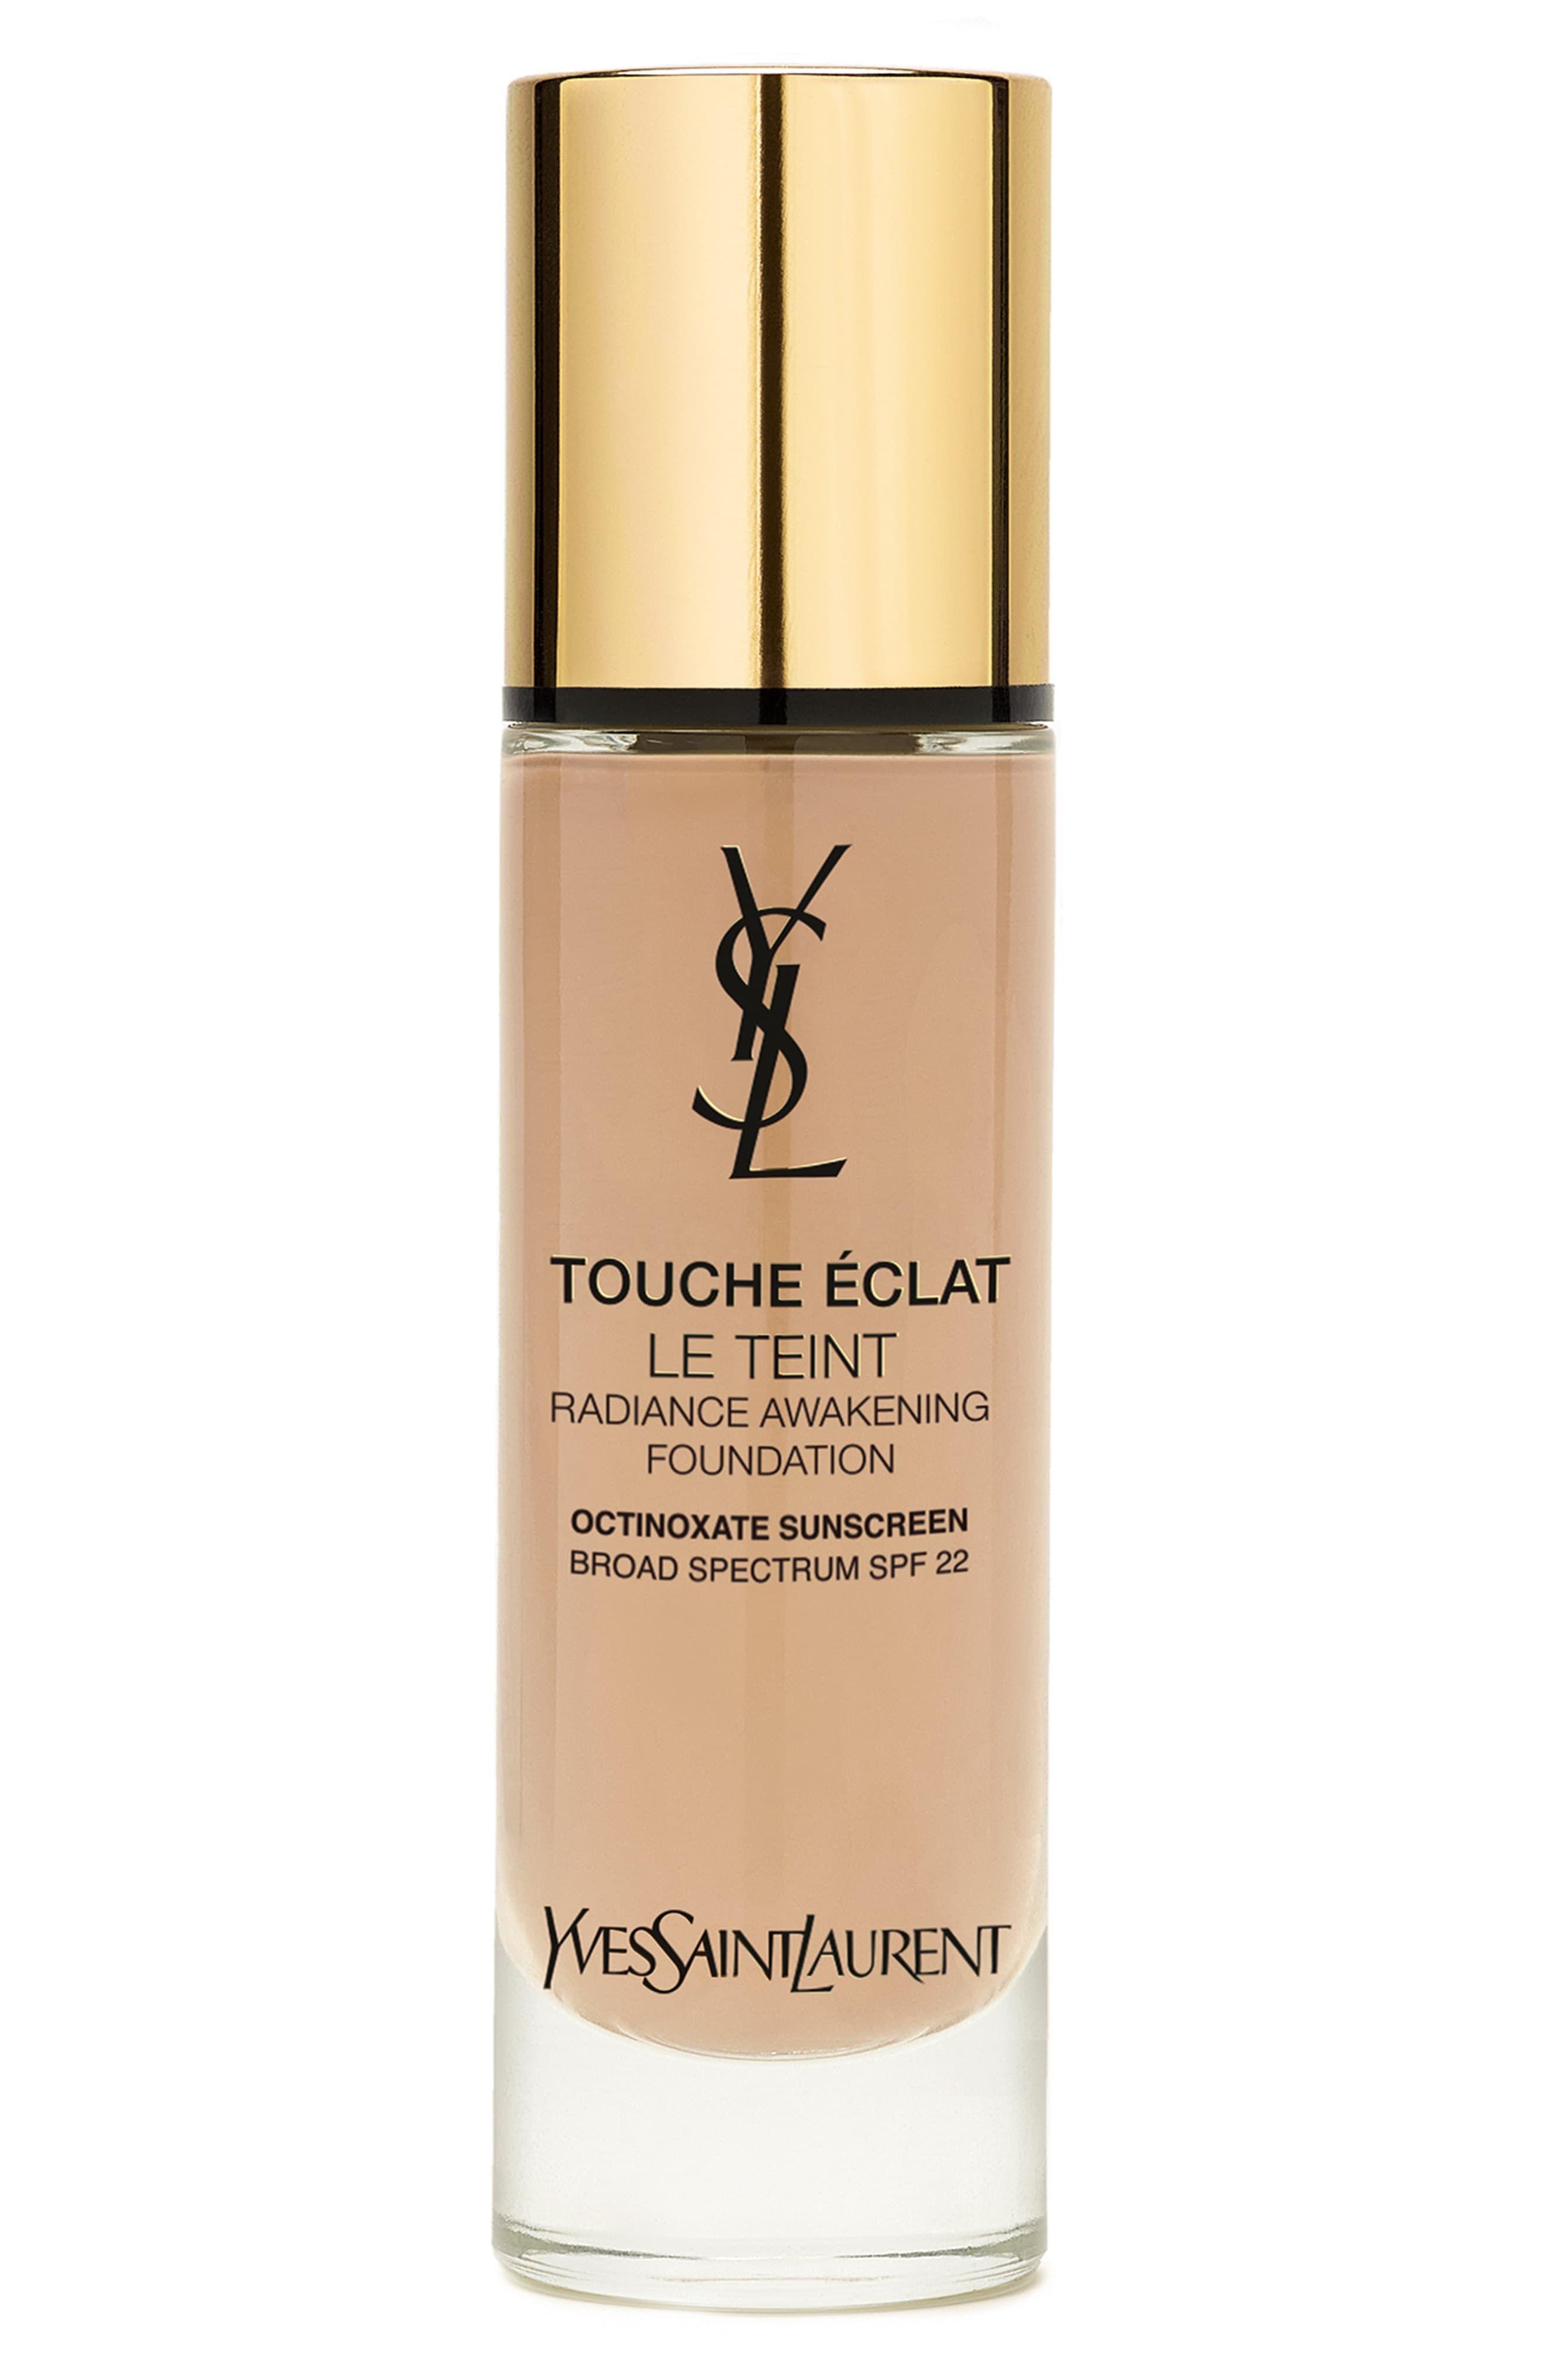 Yves Saint Laurent Touche éclat Le Teint Foundation Spf 22